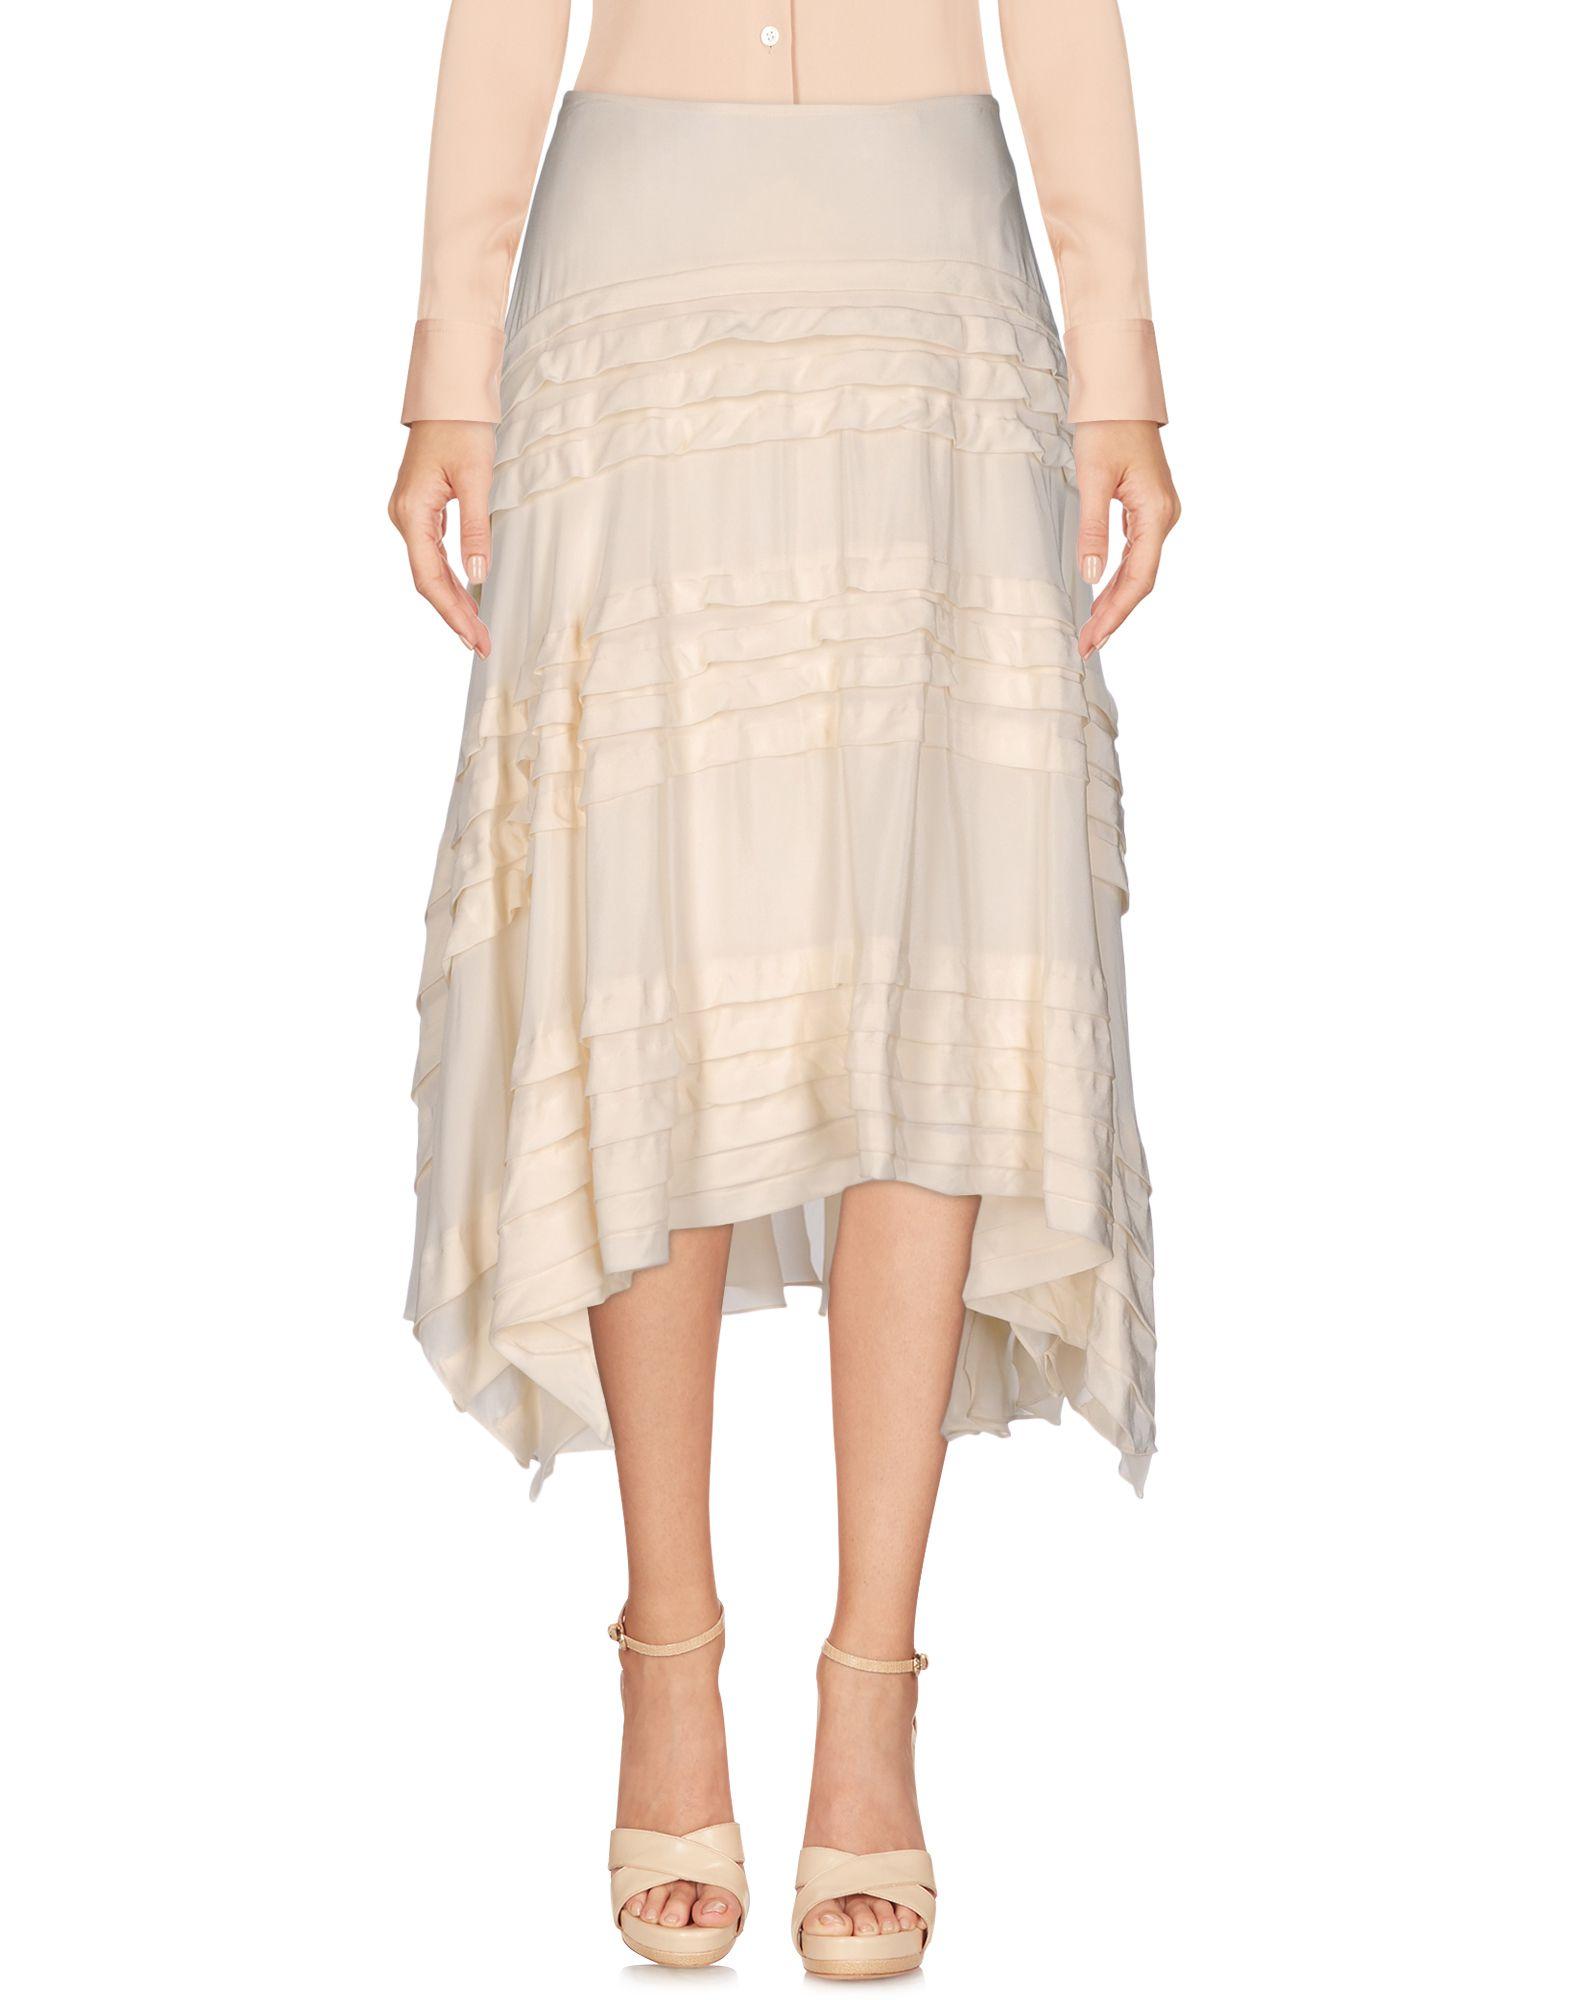 DKNY Damen Midirock Farbe Elfenbein Größe 3 jetztbilligerkaufen